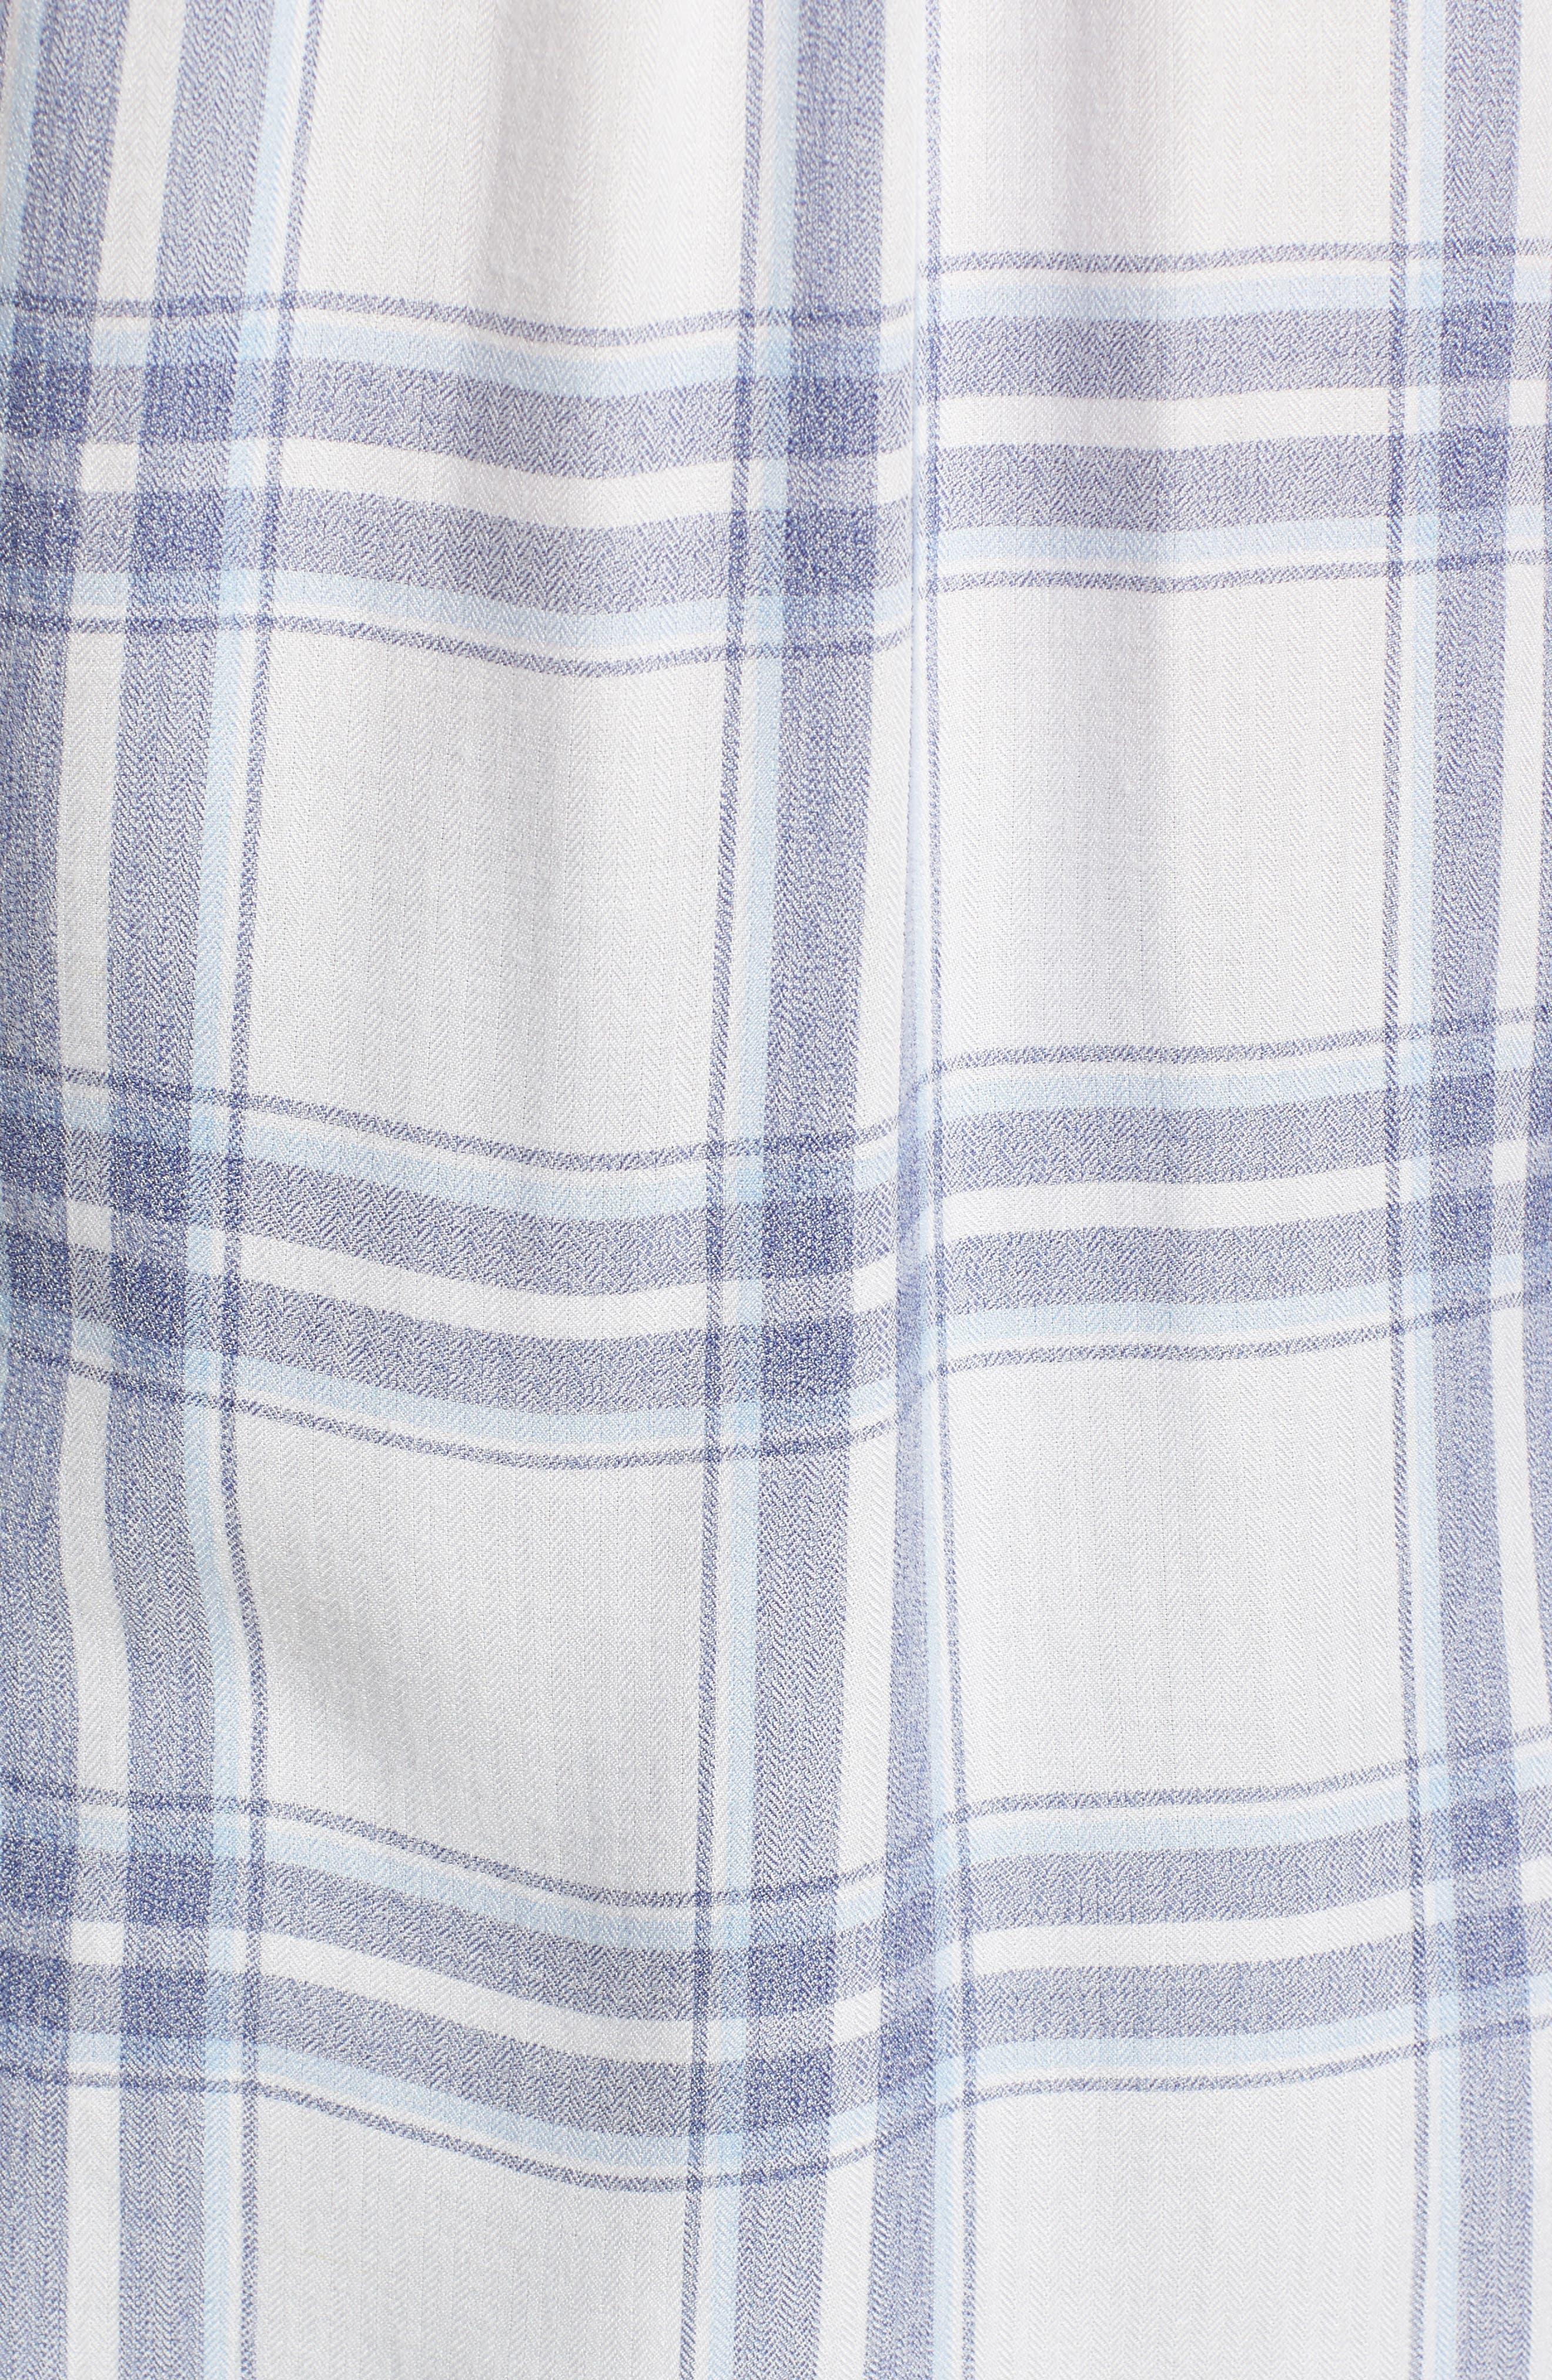 Hunter Plaid Shirt,                             Alternate thumbnail 645, color,